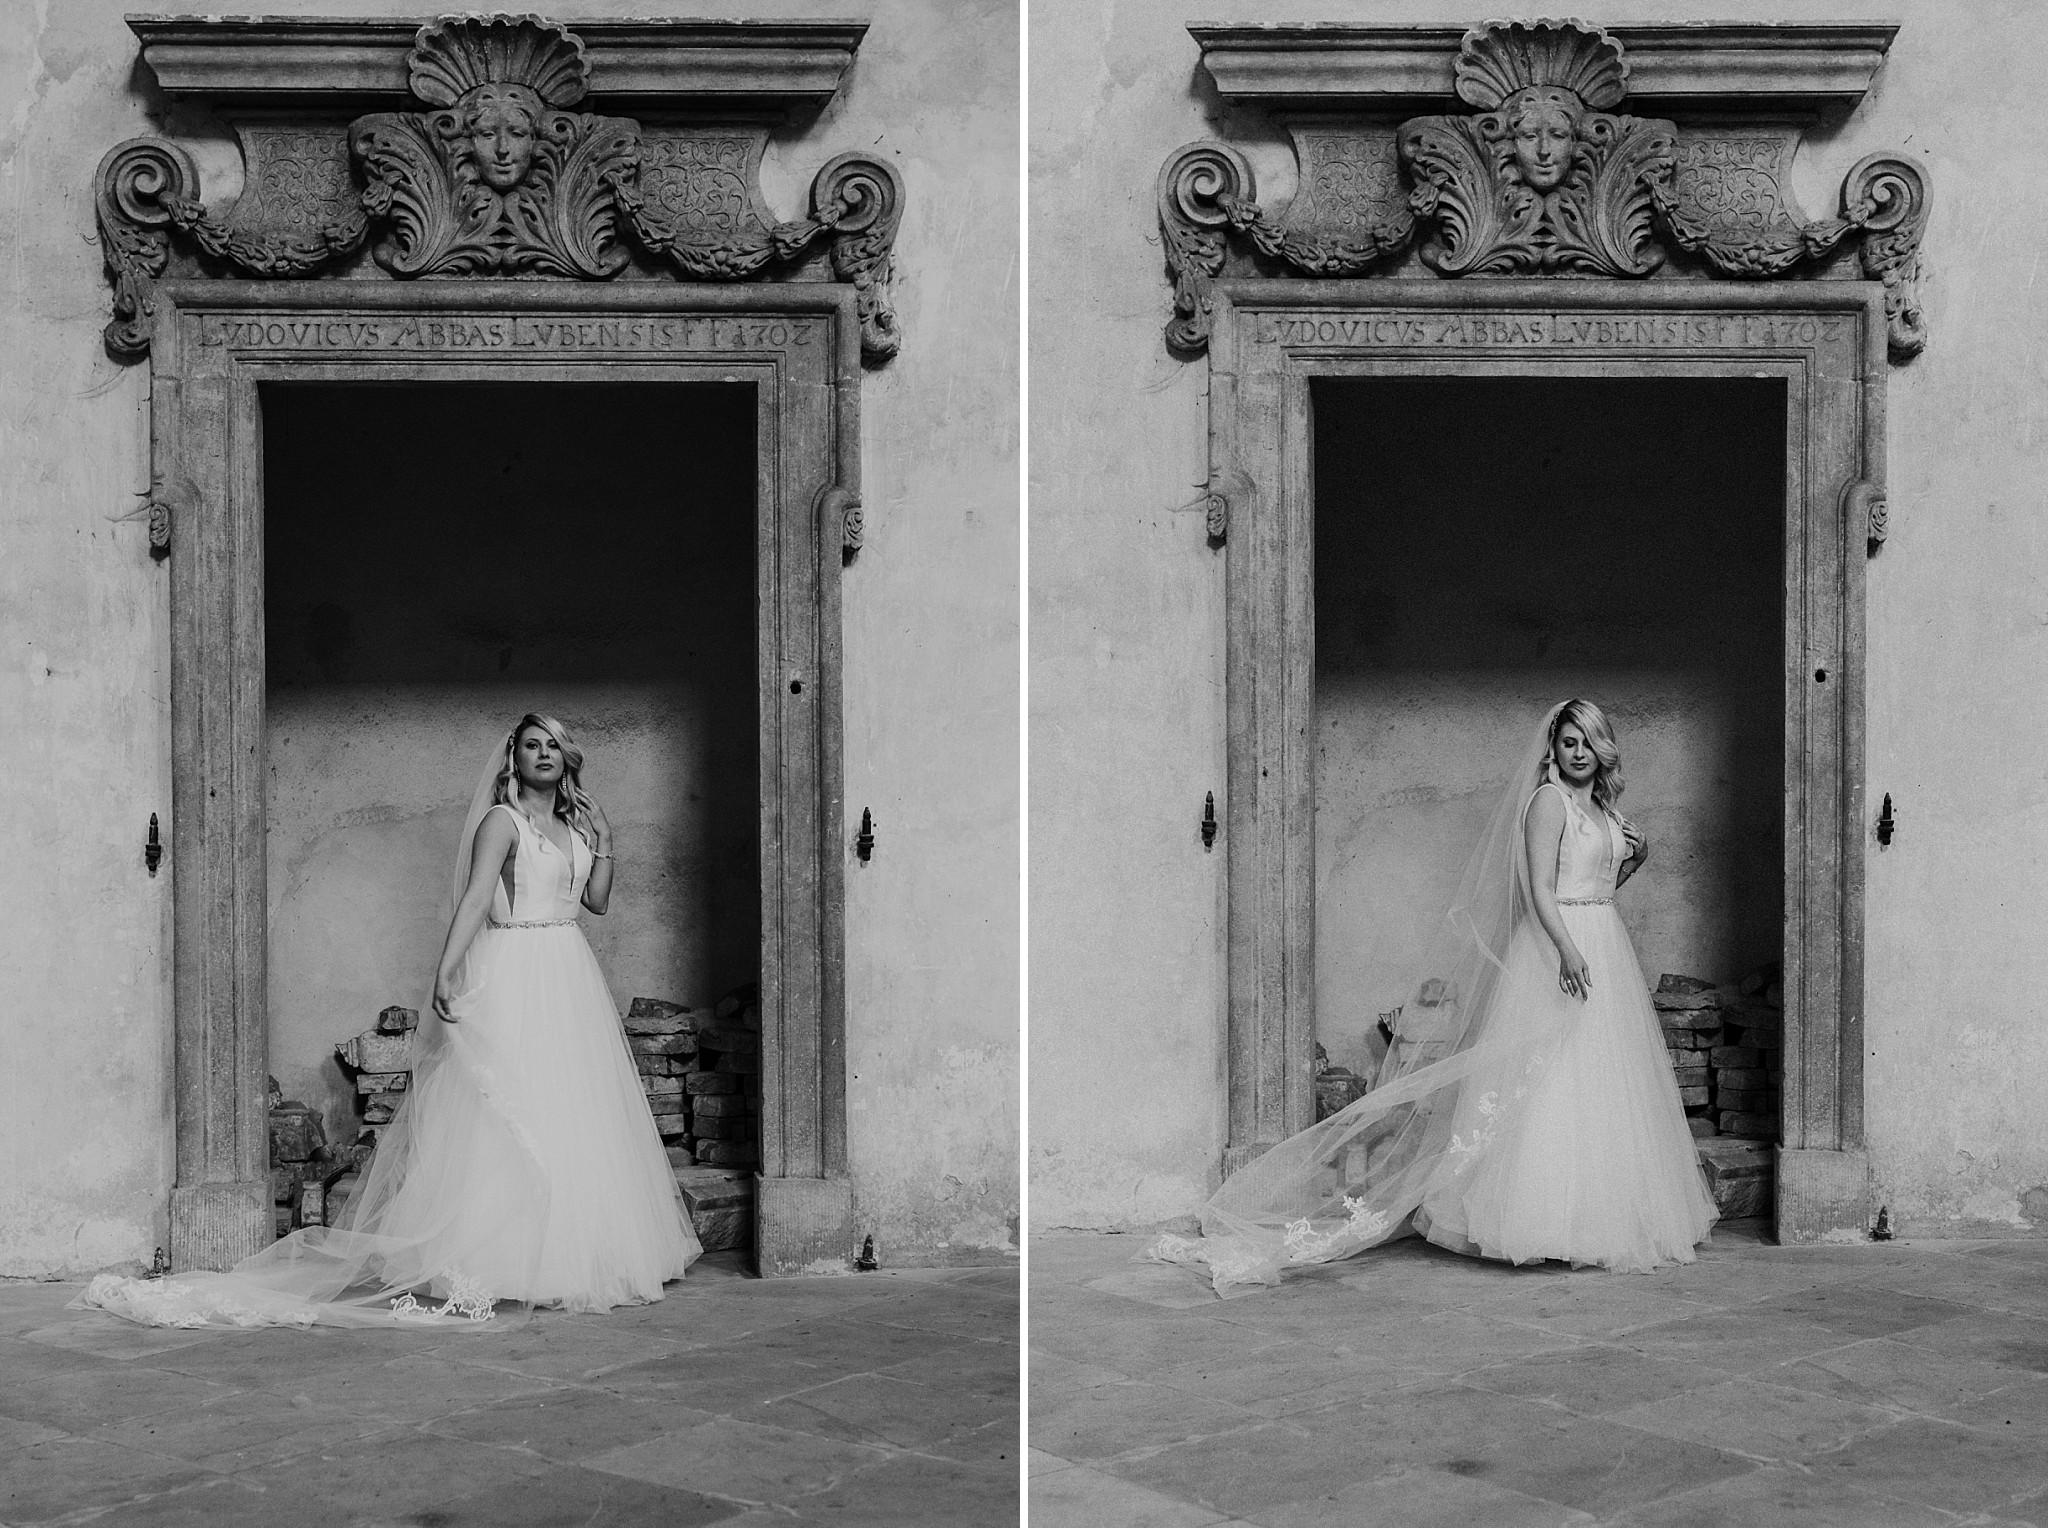 lubiaz opactwo cystersow sesja na zamku sesja zdjeciowa sesja slubna w palacu sesja palac fotograf z poznania fotografia slubna poznan 118